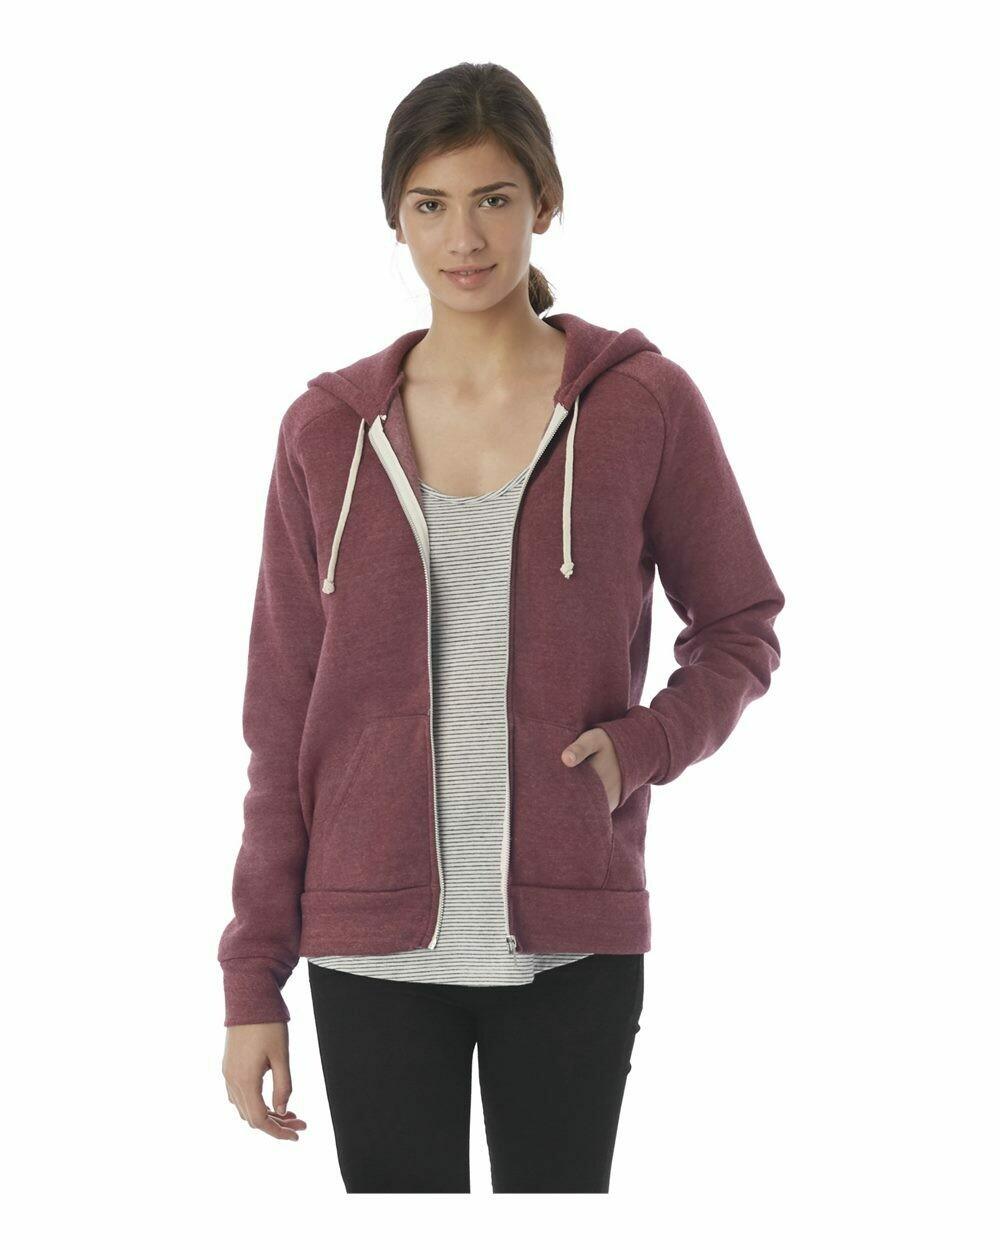 Ladies Adrian Eco-Fleece Full-Zip Hooded Sweatshirt